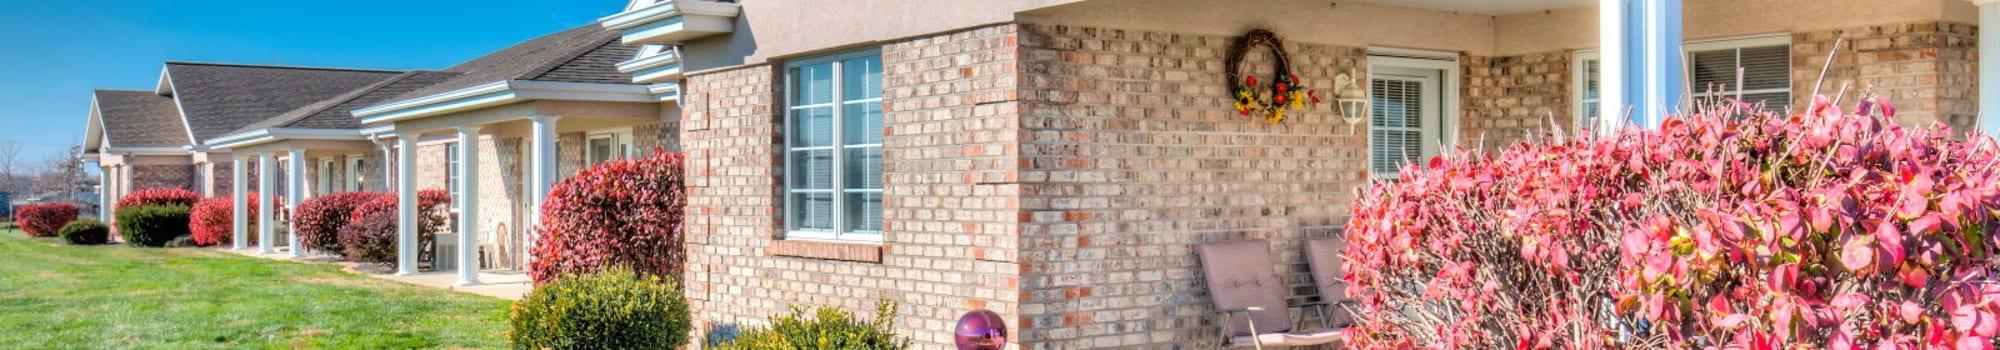 Schedule a tour of Brookstone Estates of Fairfield in Fairfield, Illinois